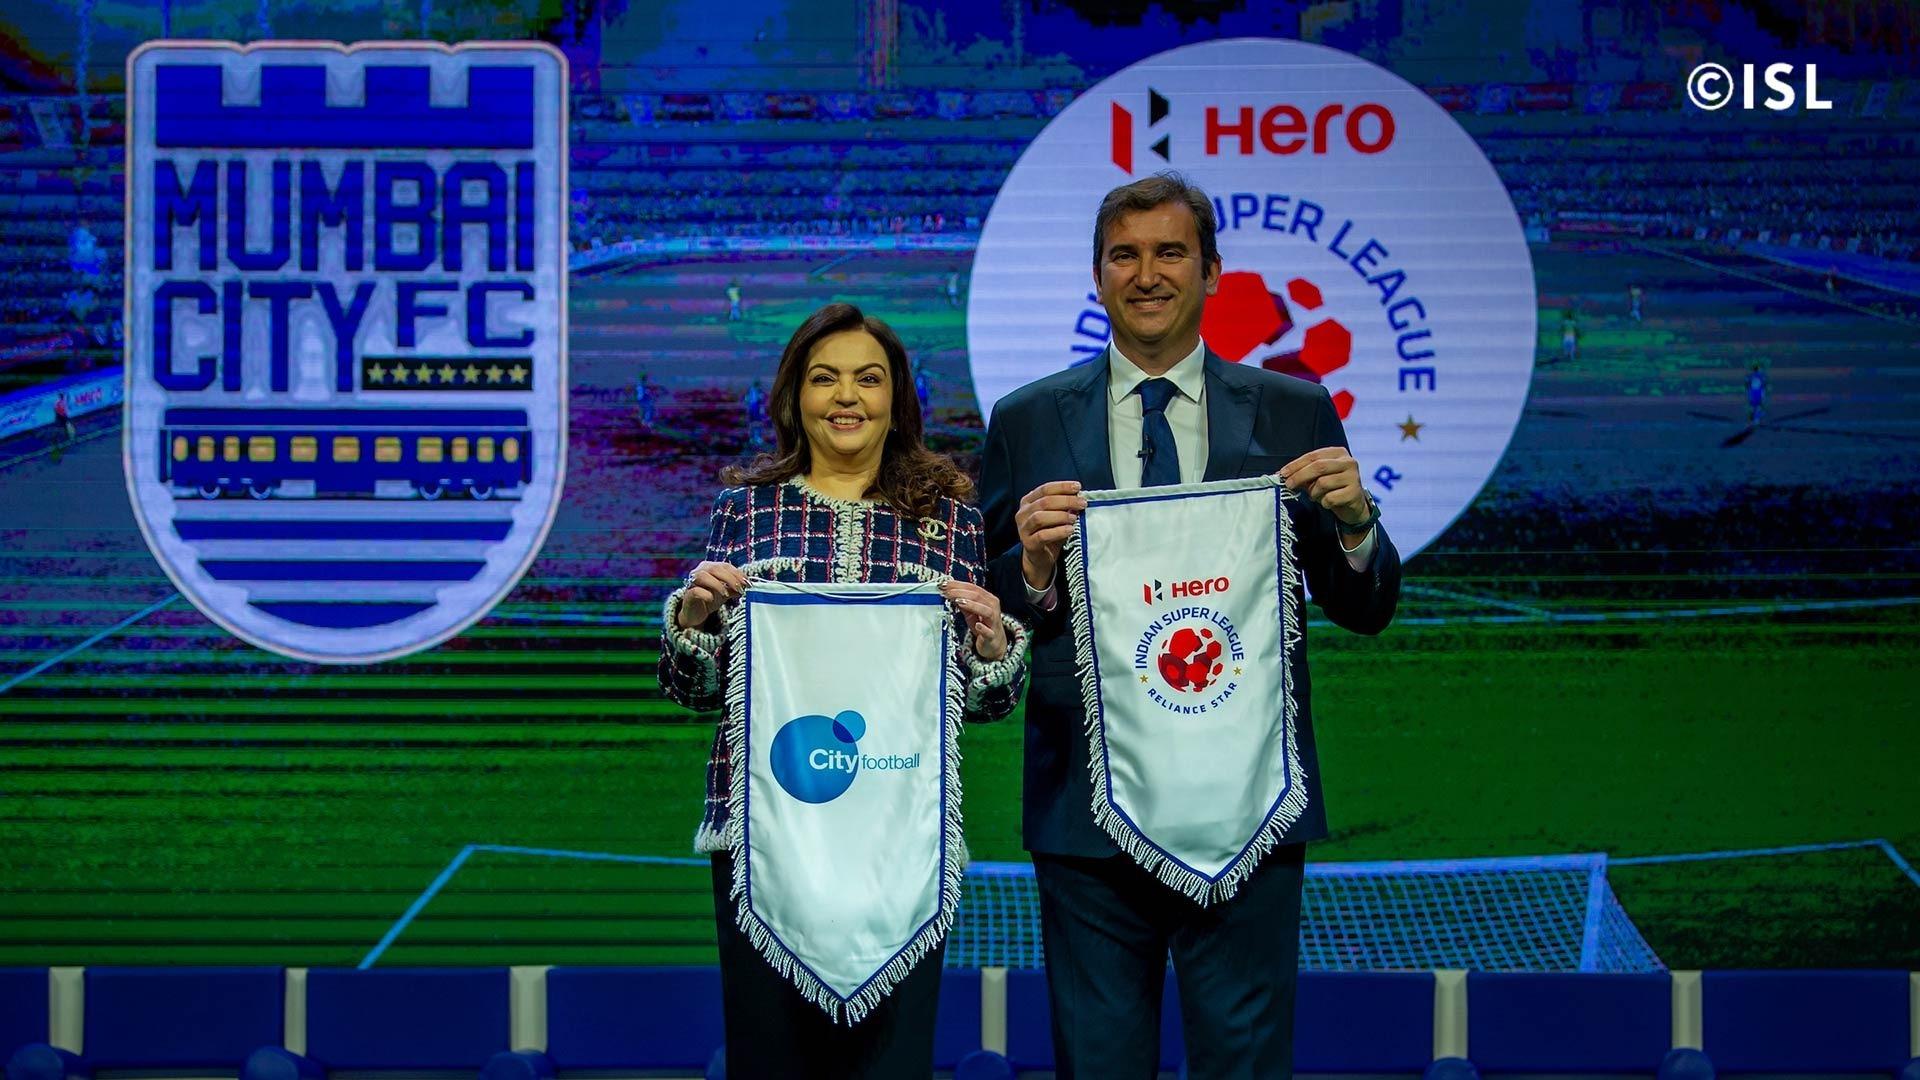 ہندوستانی فٹبال کی تاریخی پیشرفت : سٹی فٹبال گروپ نے انڈیا سُپرلیگ کی ٹیم ممبئی سٹی ایف سی میں بڑی حصہ داری خریدی